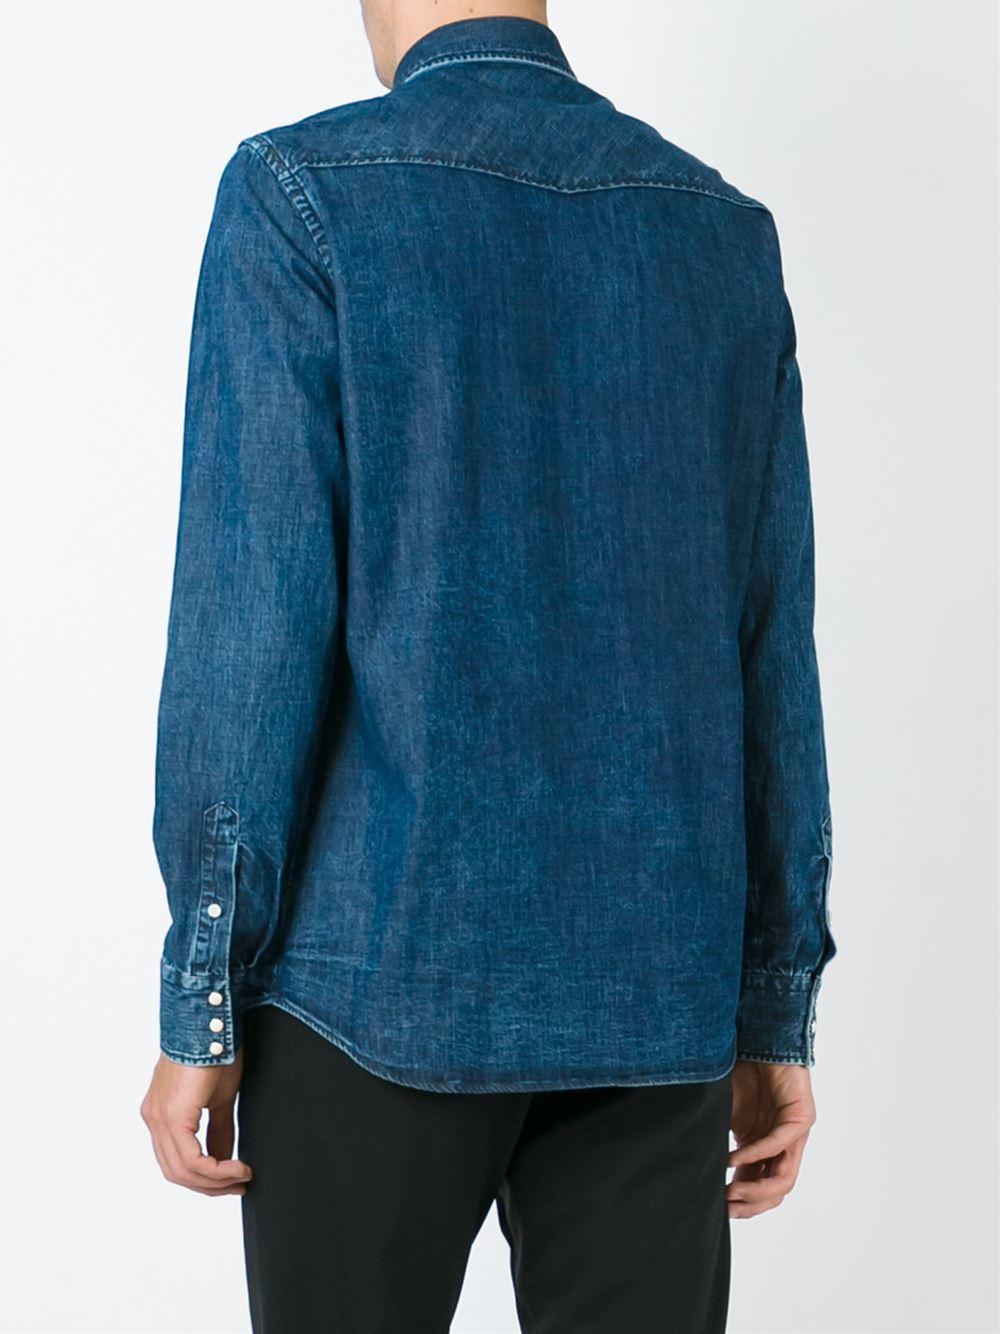 denim shirt pockets - photo #32